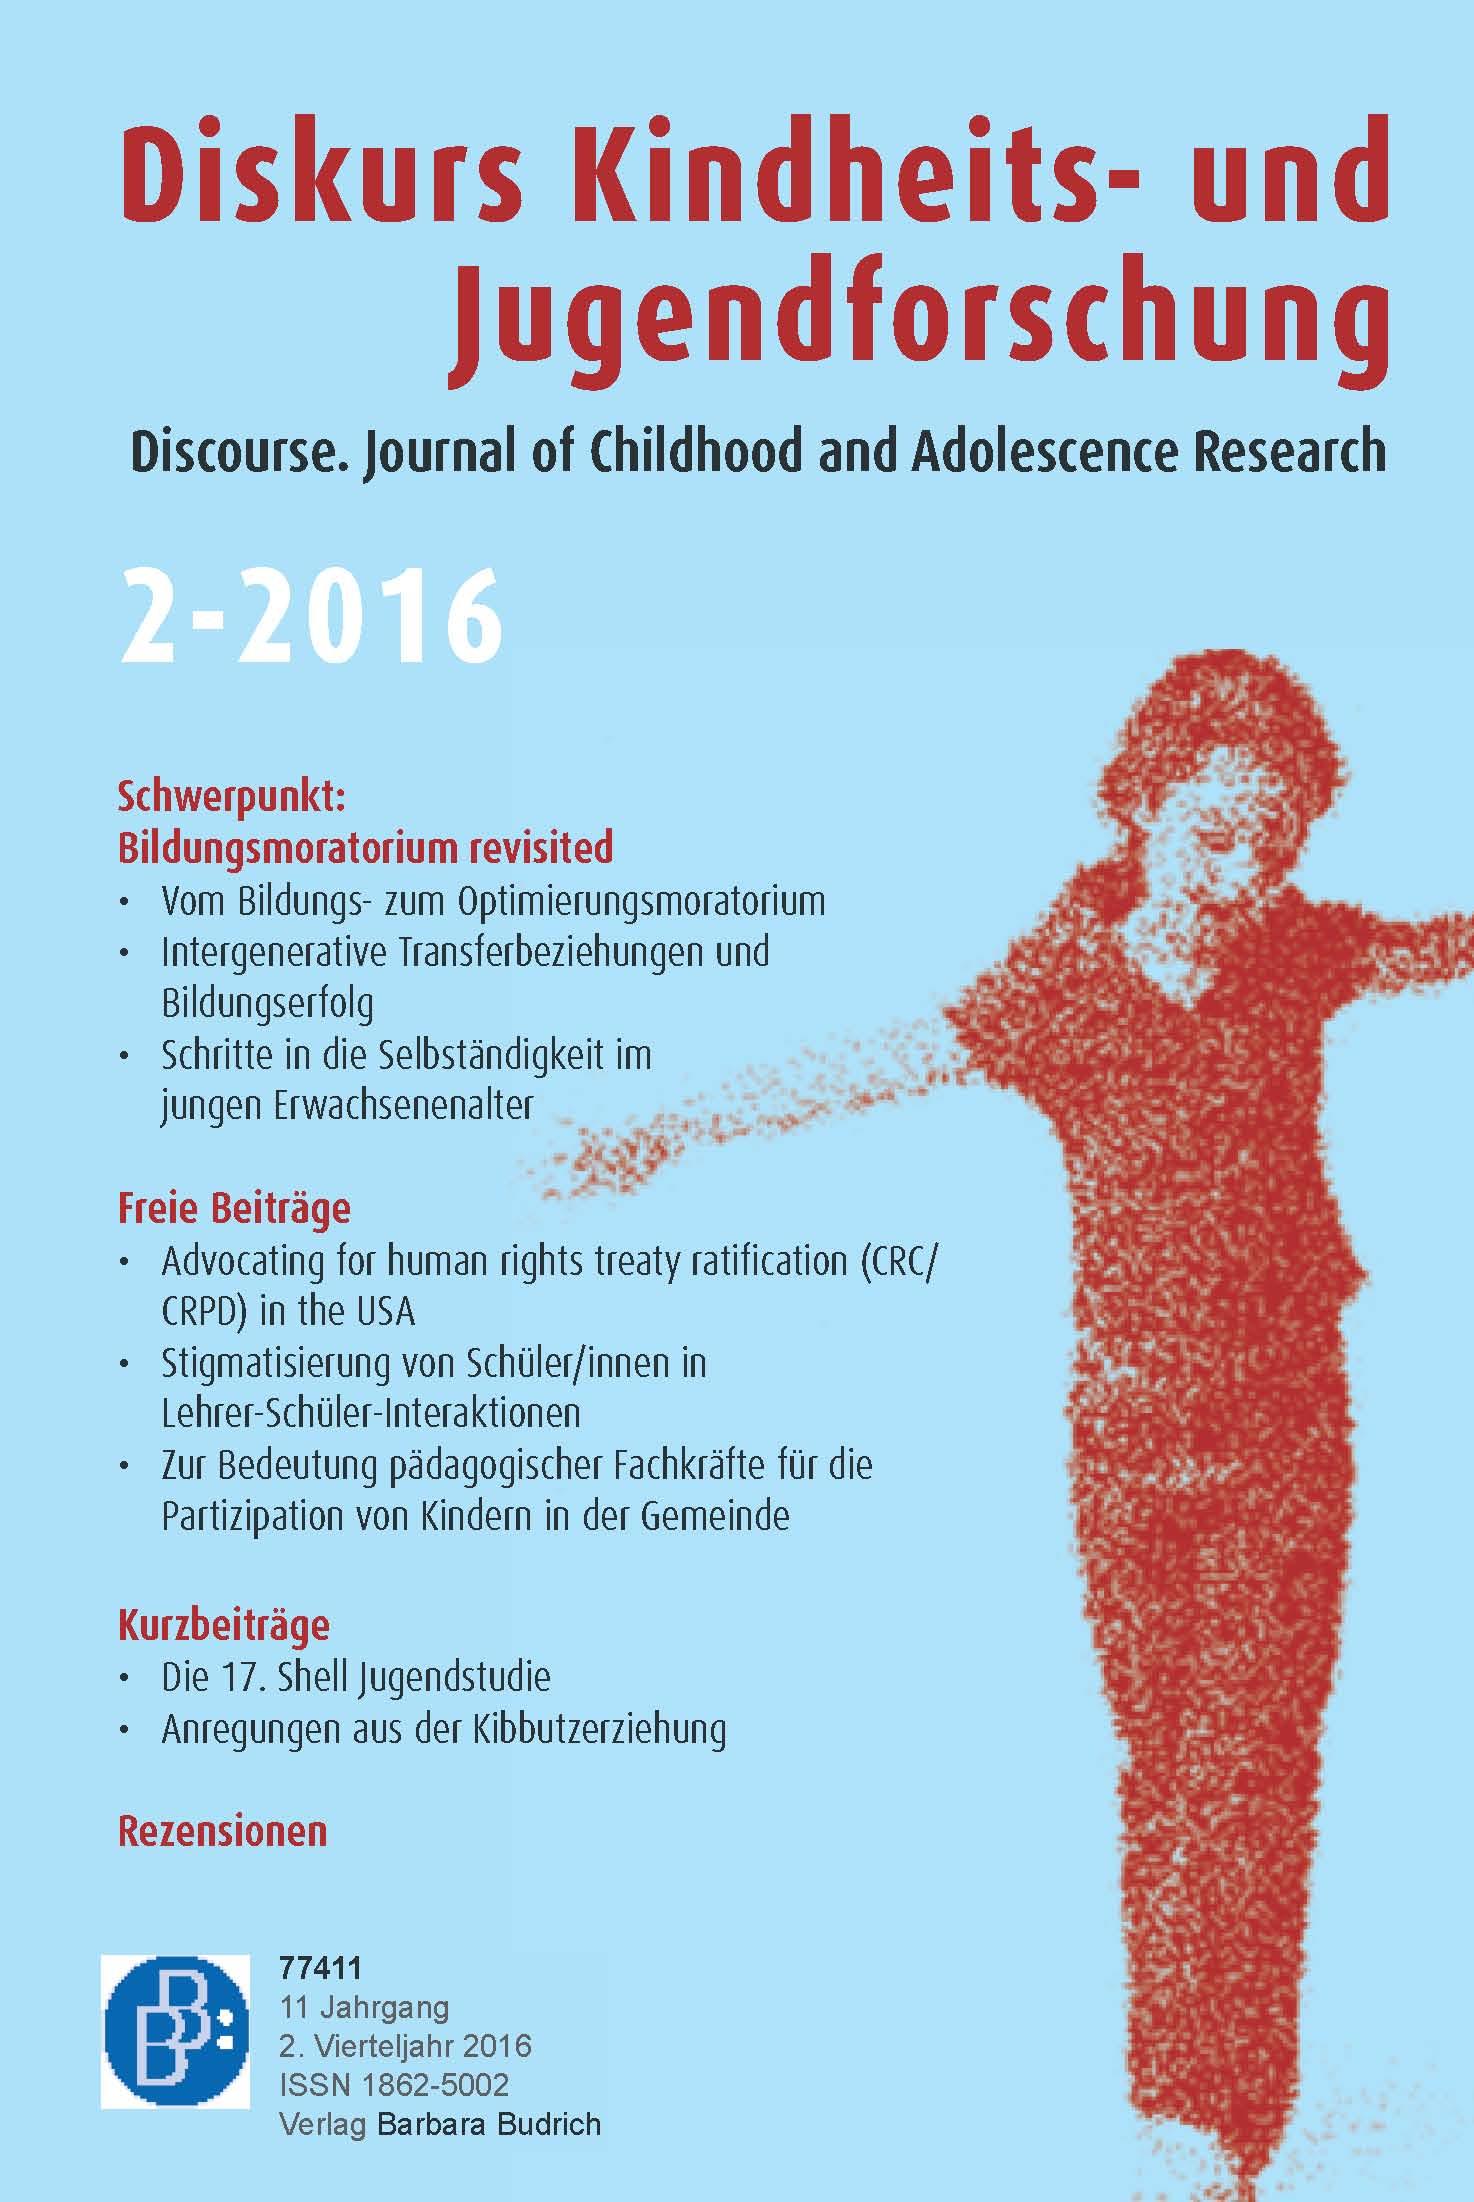 Diskurs 2-2016 | Bildungsmoratorium revisited